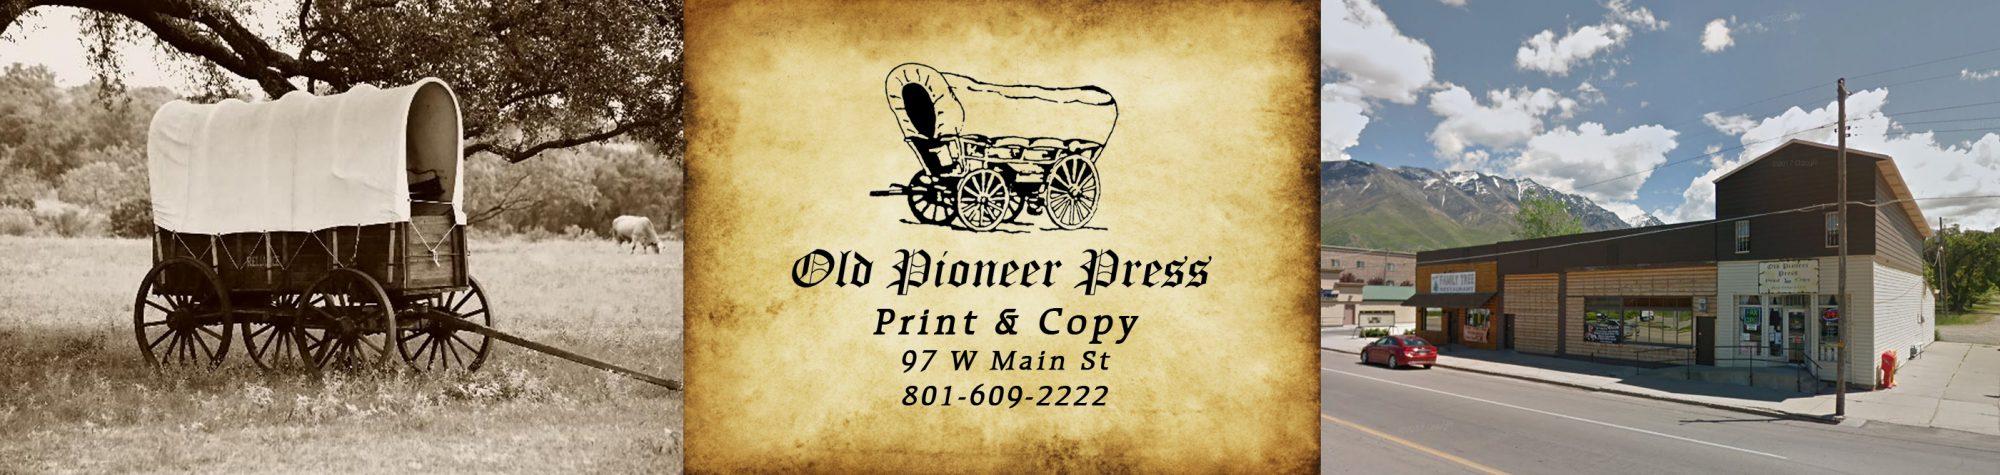 Old Pioneer Press